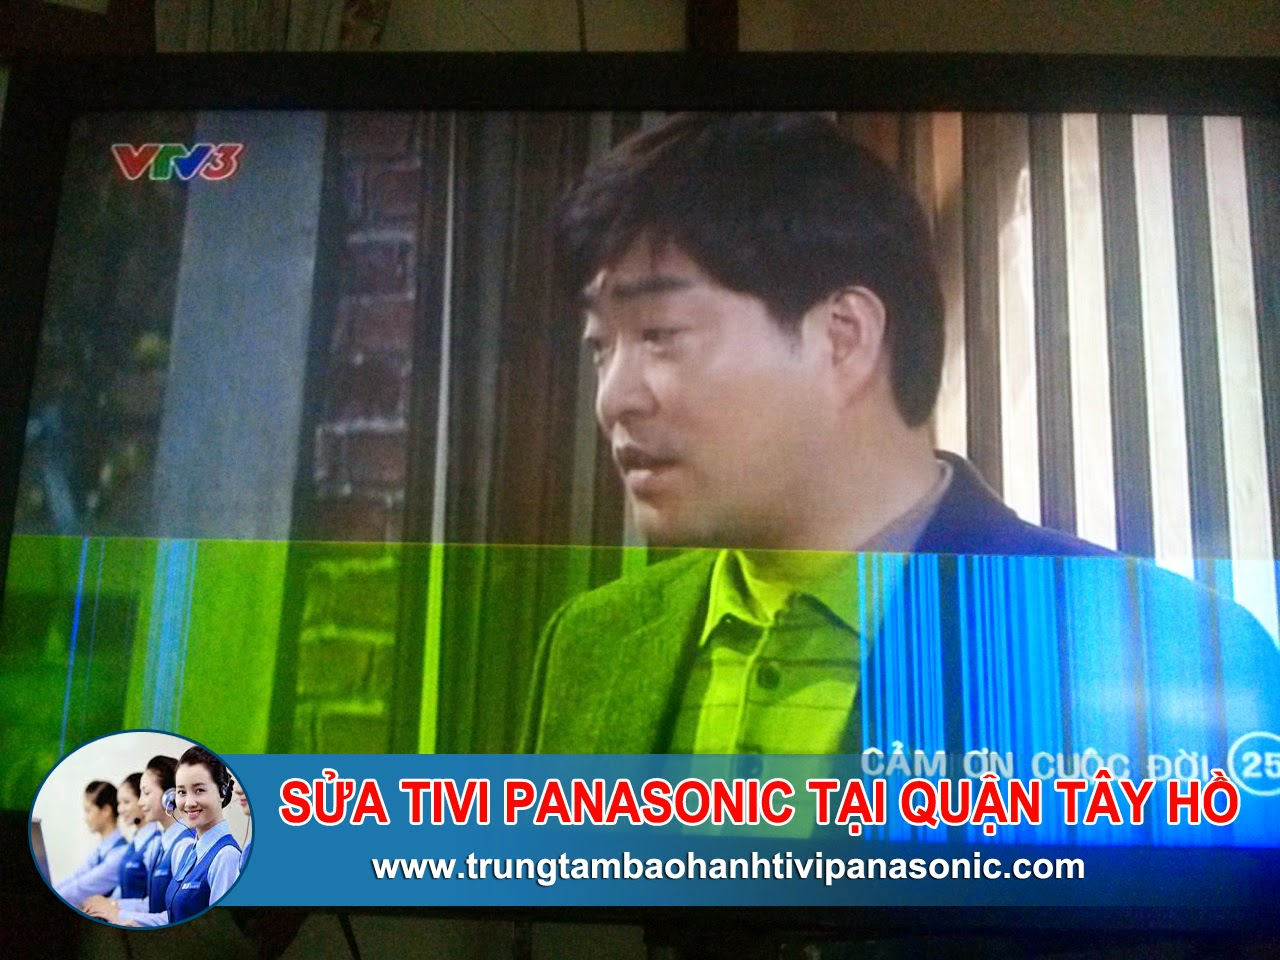 Sửa tivi Panasonic tại quận Tây Hồ